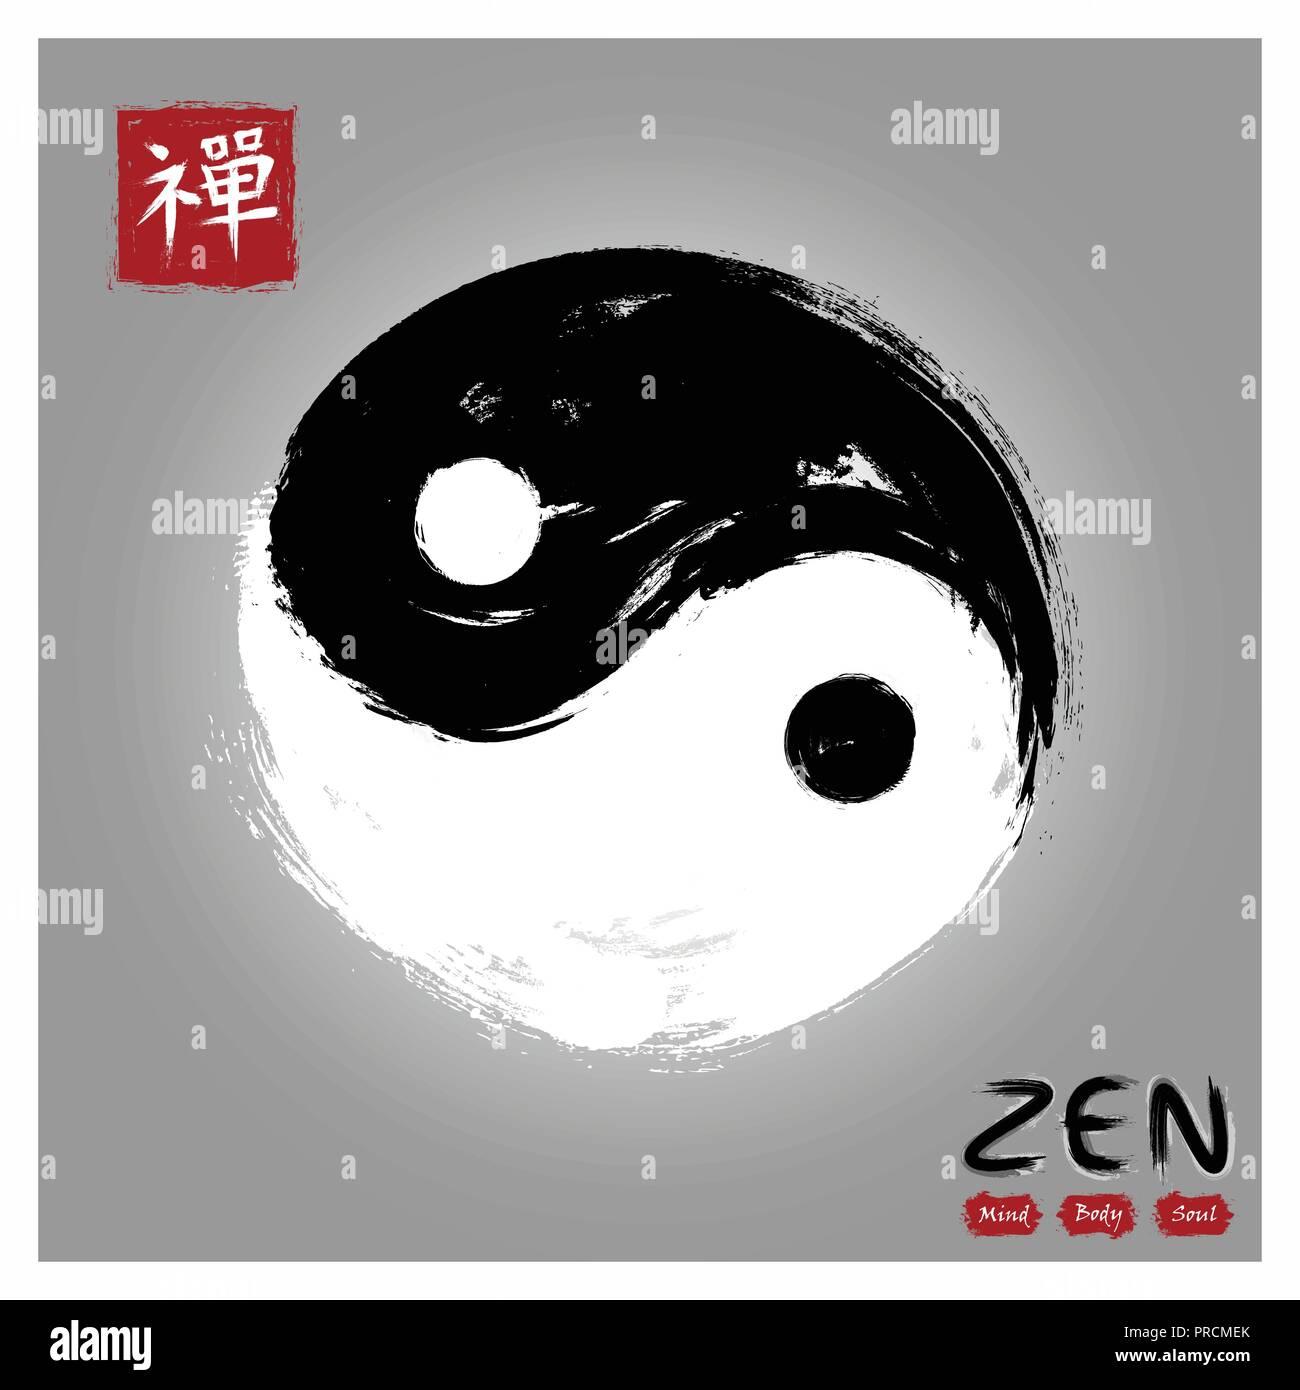 Yin And Yang Circle Symbol Sumi E Style And Ink Watercolor